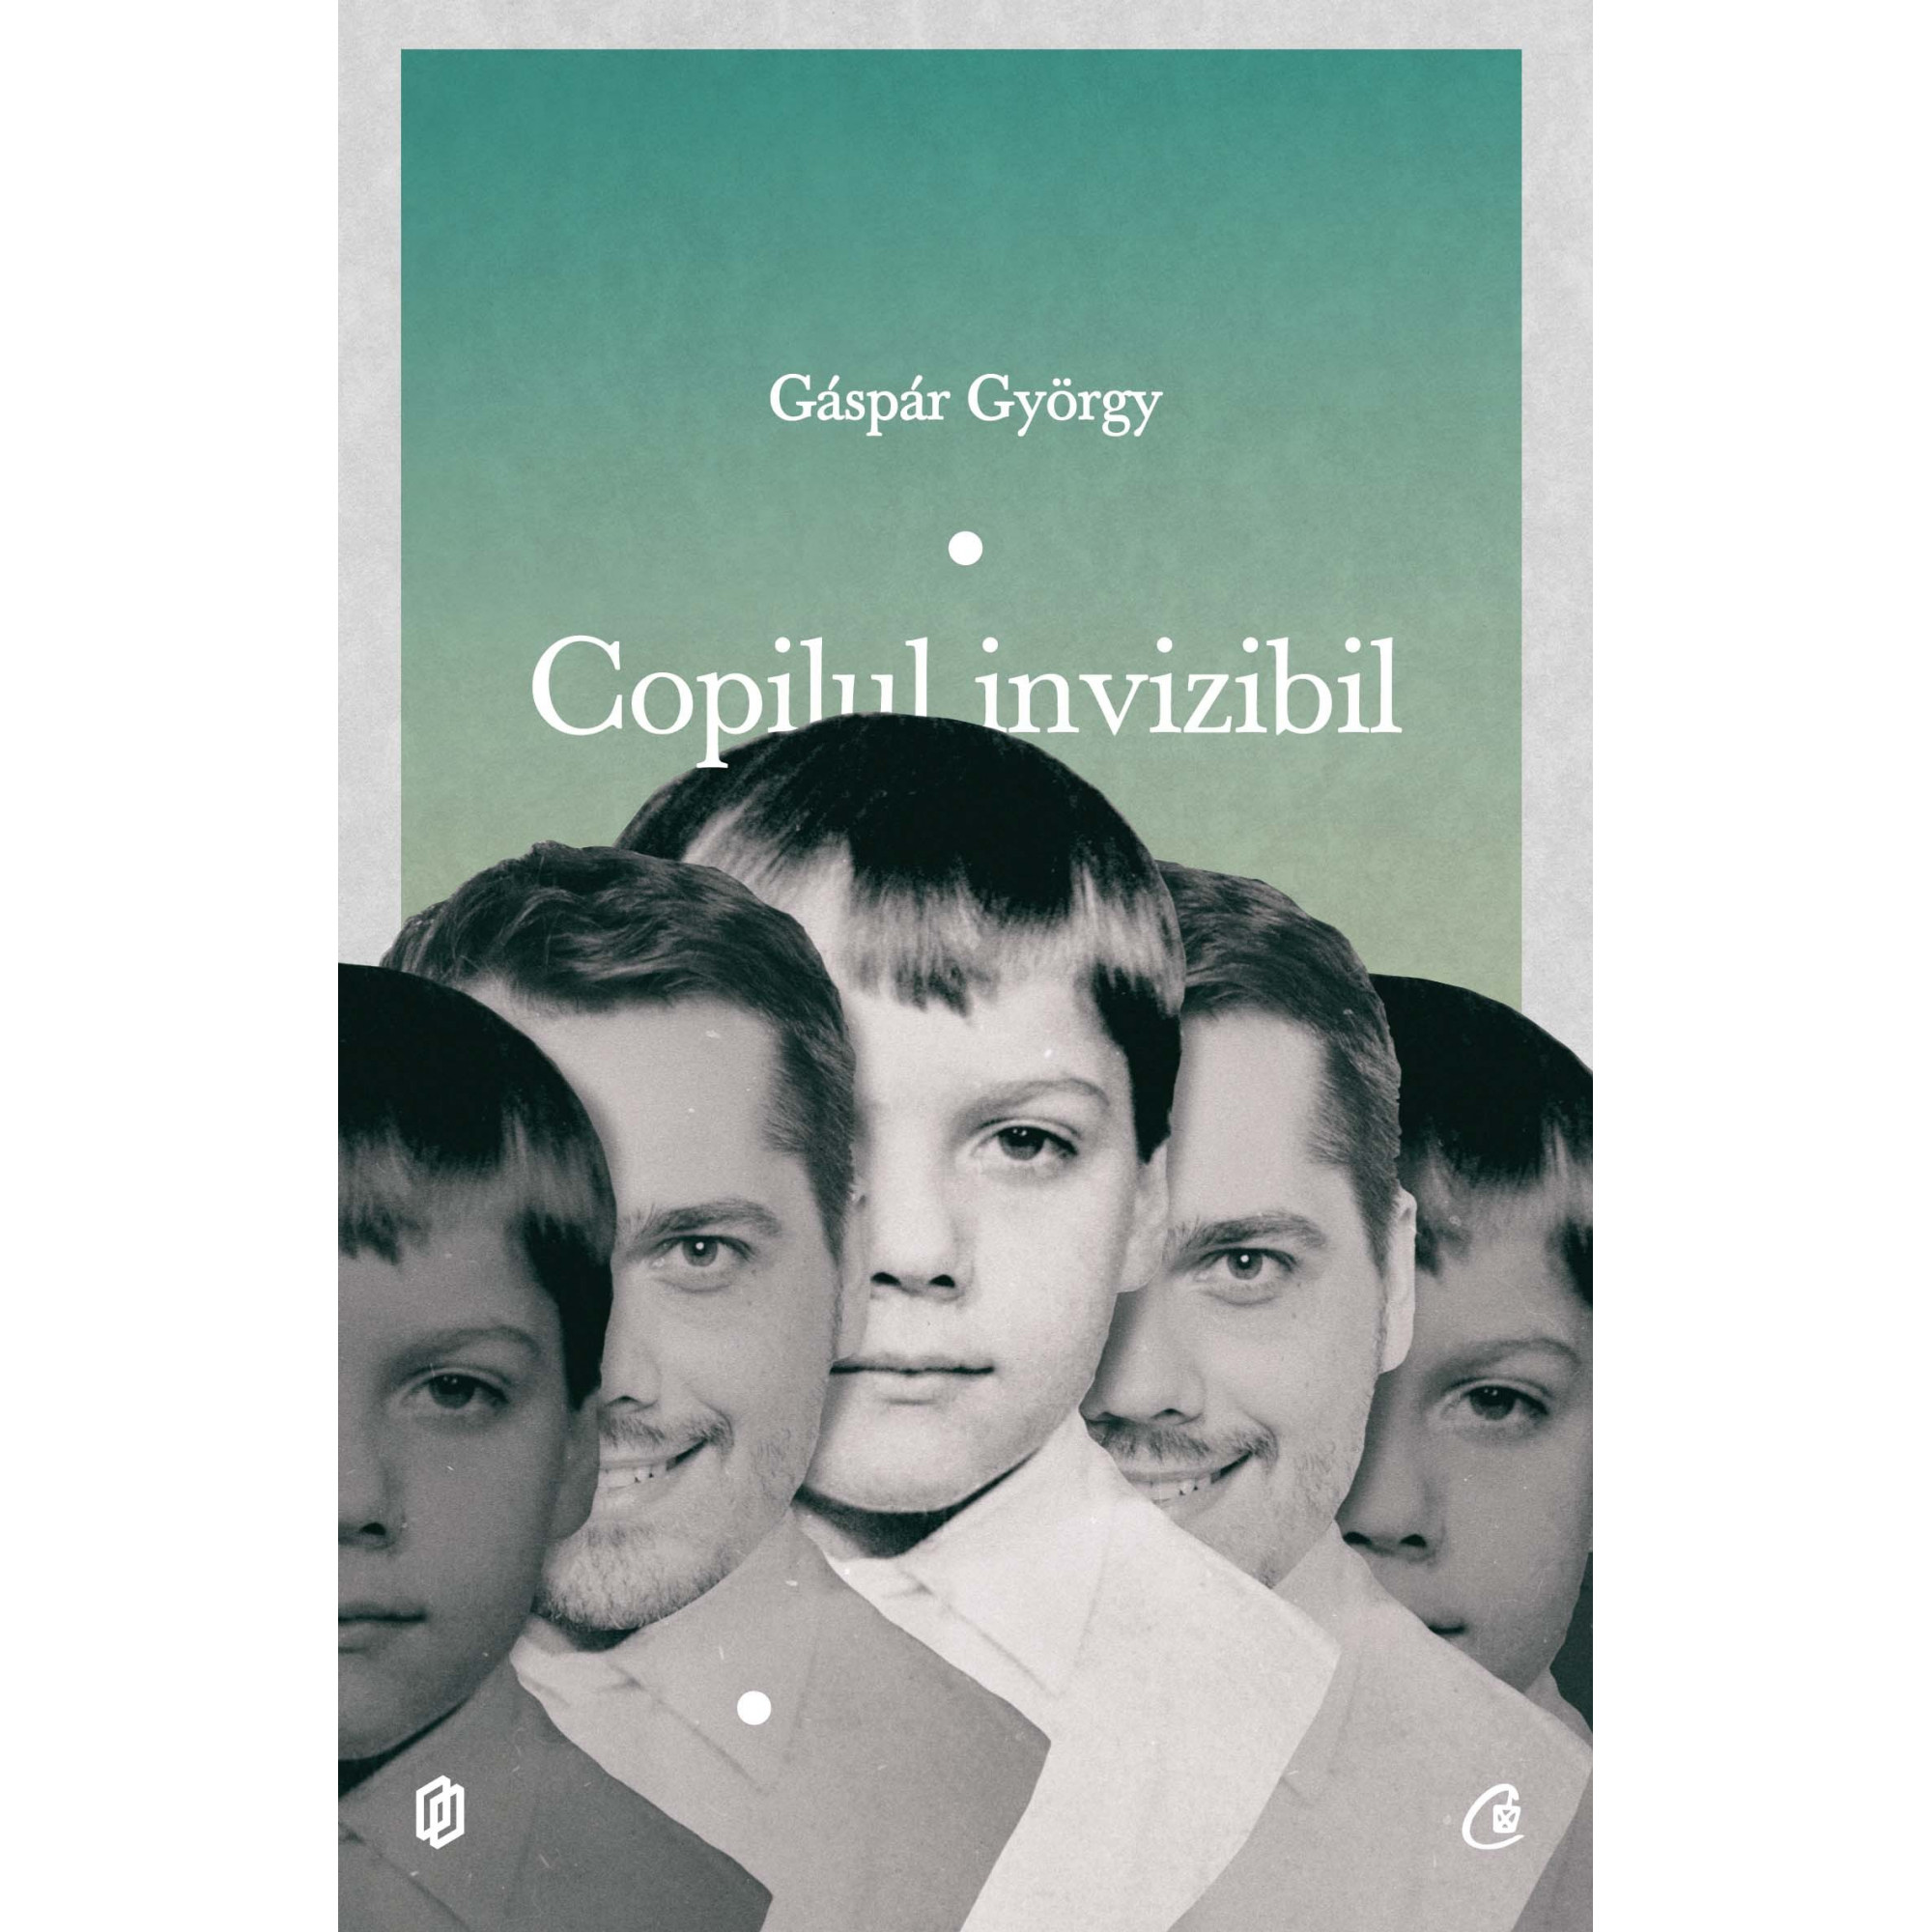 Copilul invizibil; Gáspár György